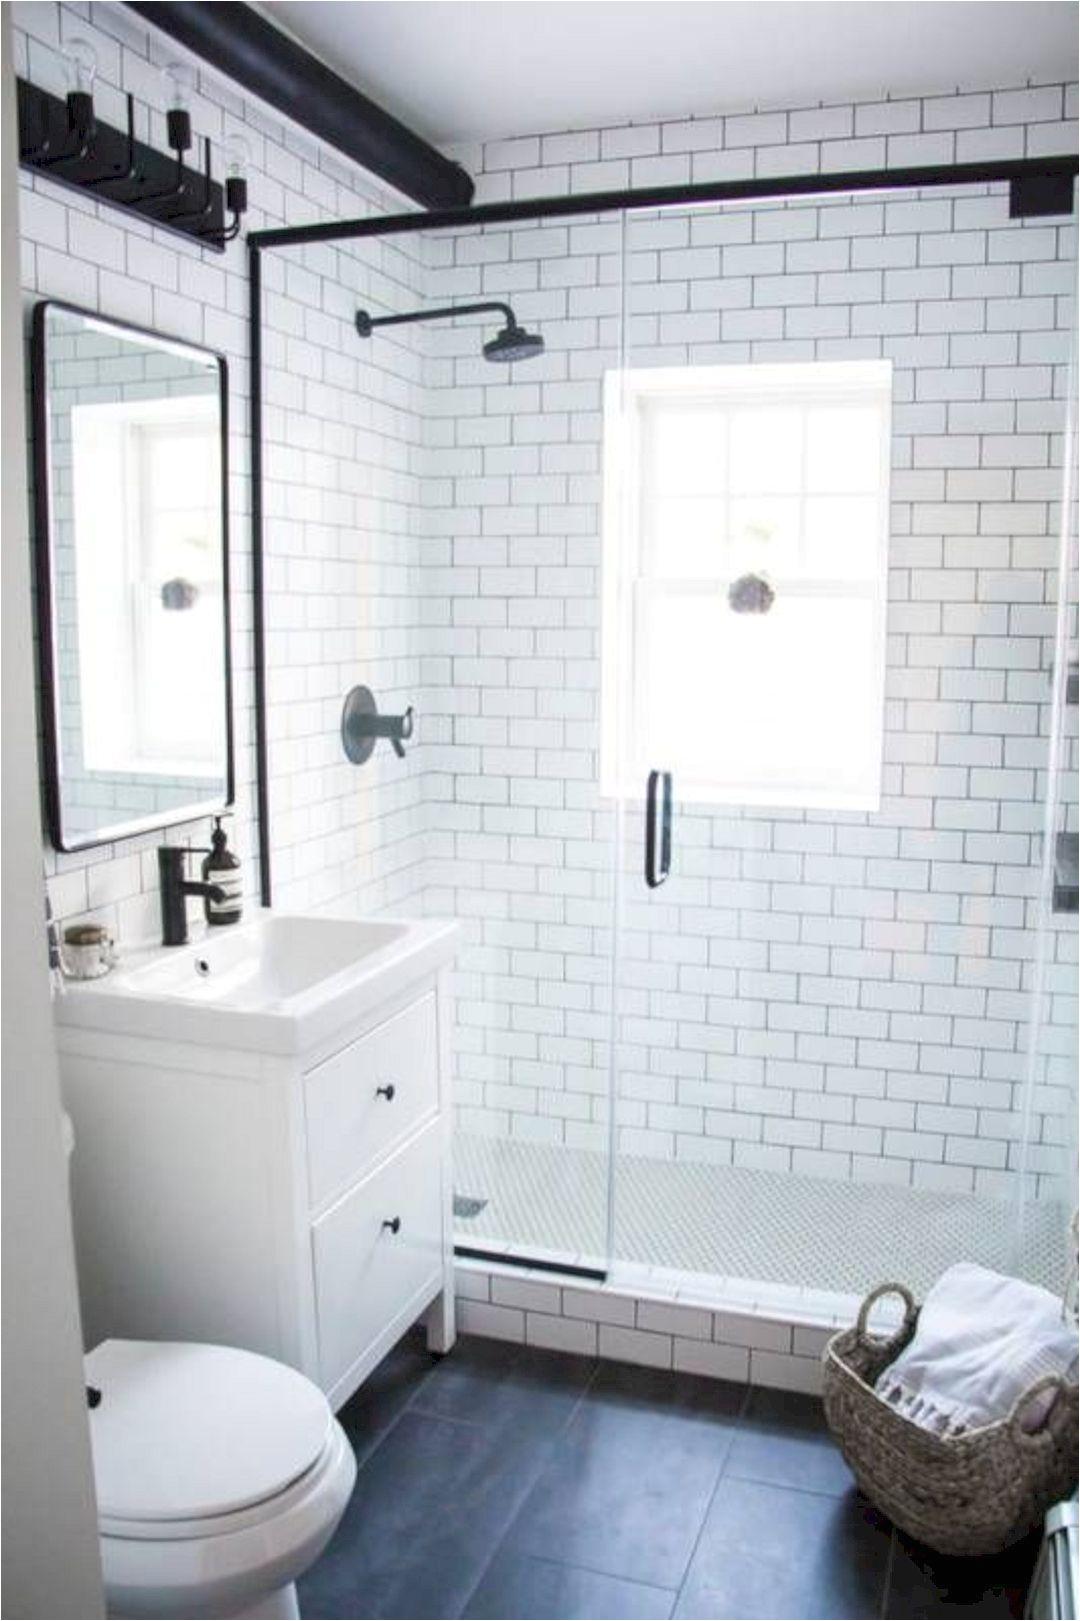 Small Bathroom Design Ideas On A Budget Fresh and Stylish Small Bathroom Remodel Add Storage Ideas [before